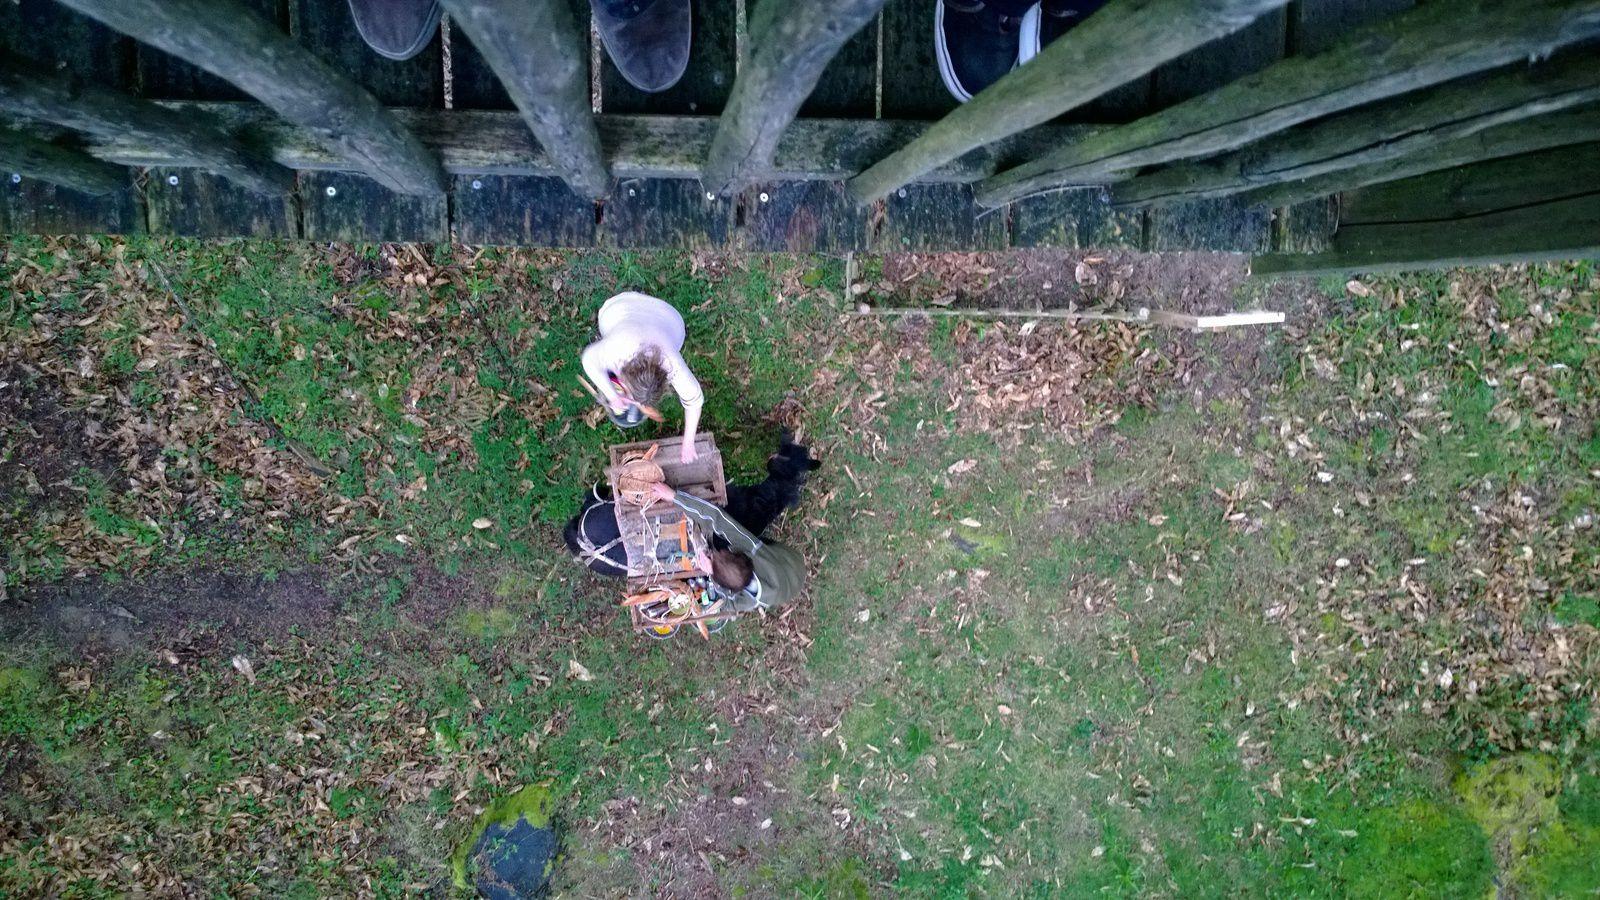 Photo 10 : En contrebas Myrtille et ses copains grands pourvoyeurs de petits déjeuners :) (Et les pieds tout là-haut, entre les montants de la rambarde de la terrasse ? Compte-tenu de la disposition des lieux, je ne vois pas trop comment, pour réaliser cette photo, j'aurais pu faire autrement que cadrer mes pieds et ceux de Madame Canard venue également profiter du spectacle offert par le passage de Myrtille. Par contre, j'aurais pu faire une retouche pour les effacer &#x3B; oui, peut-être… mais j'aime bien l'authenticité et puis vous m'avez appris à avoir la flemme :)